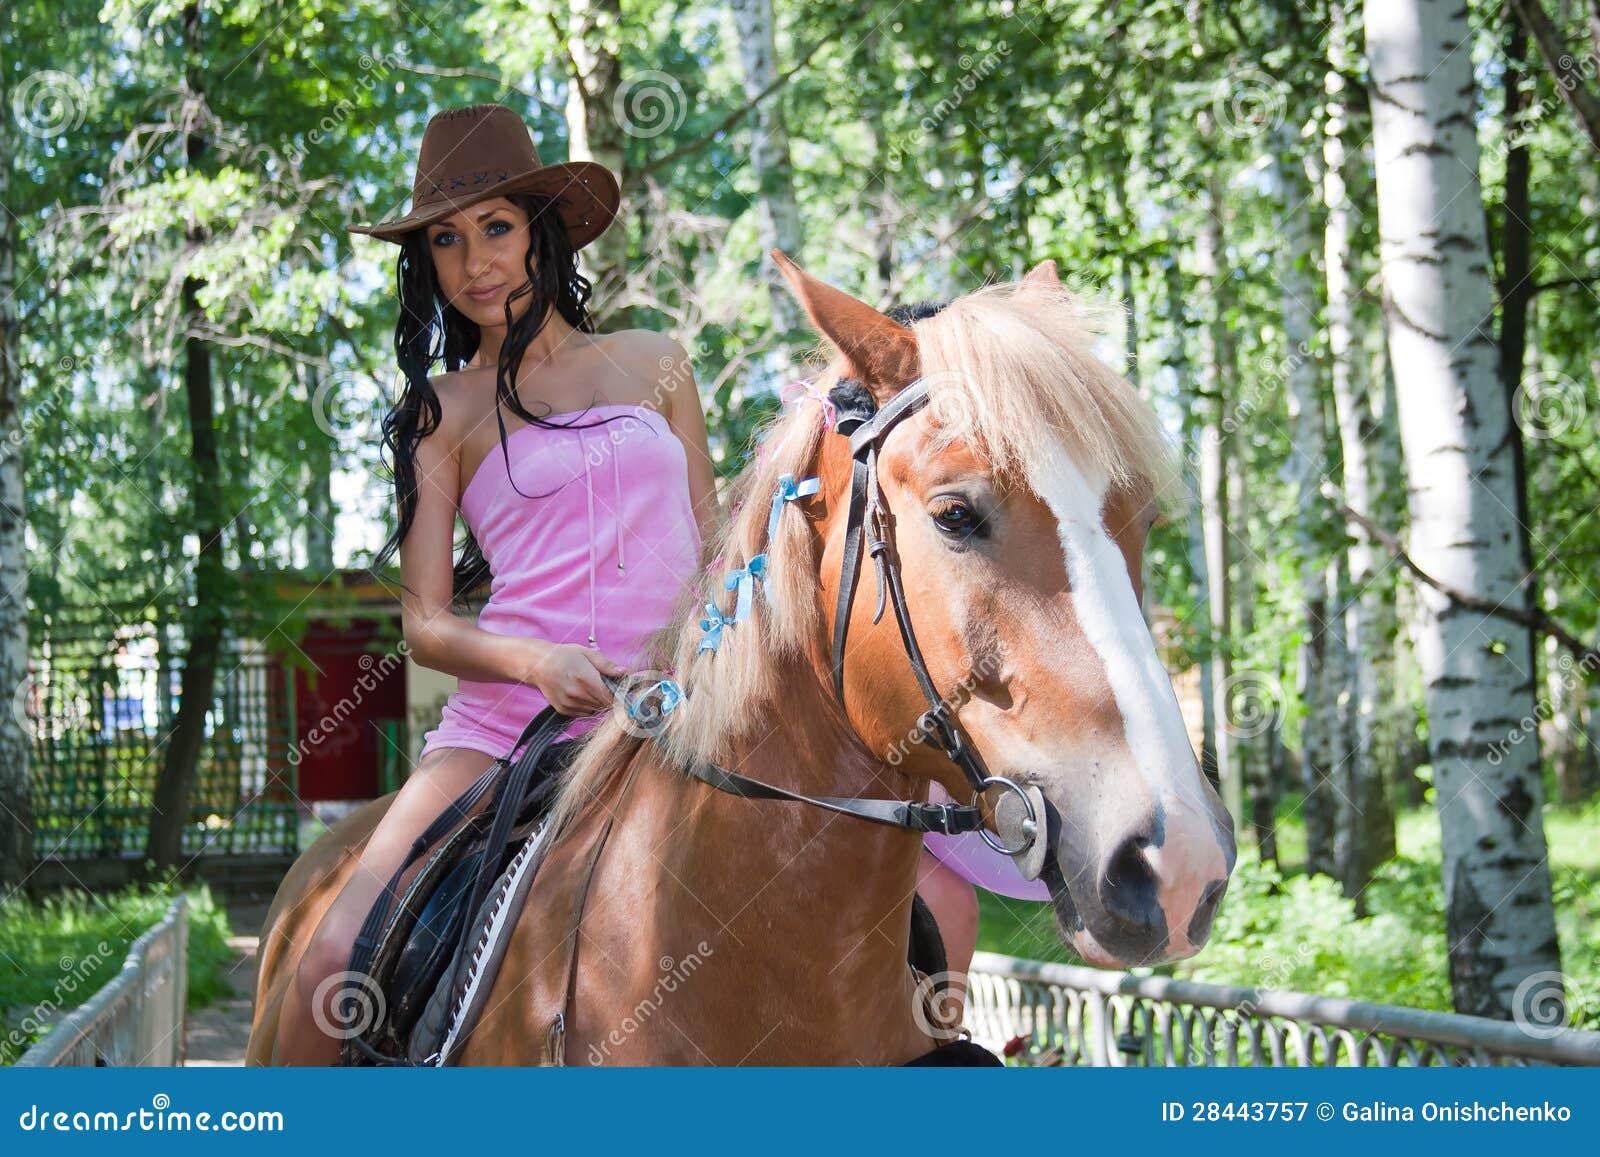 Schöne Frau sitzt mit gespreizten Beinen auf einem Pferd